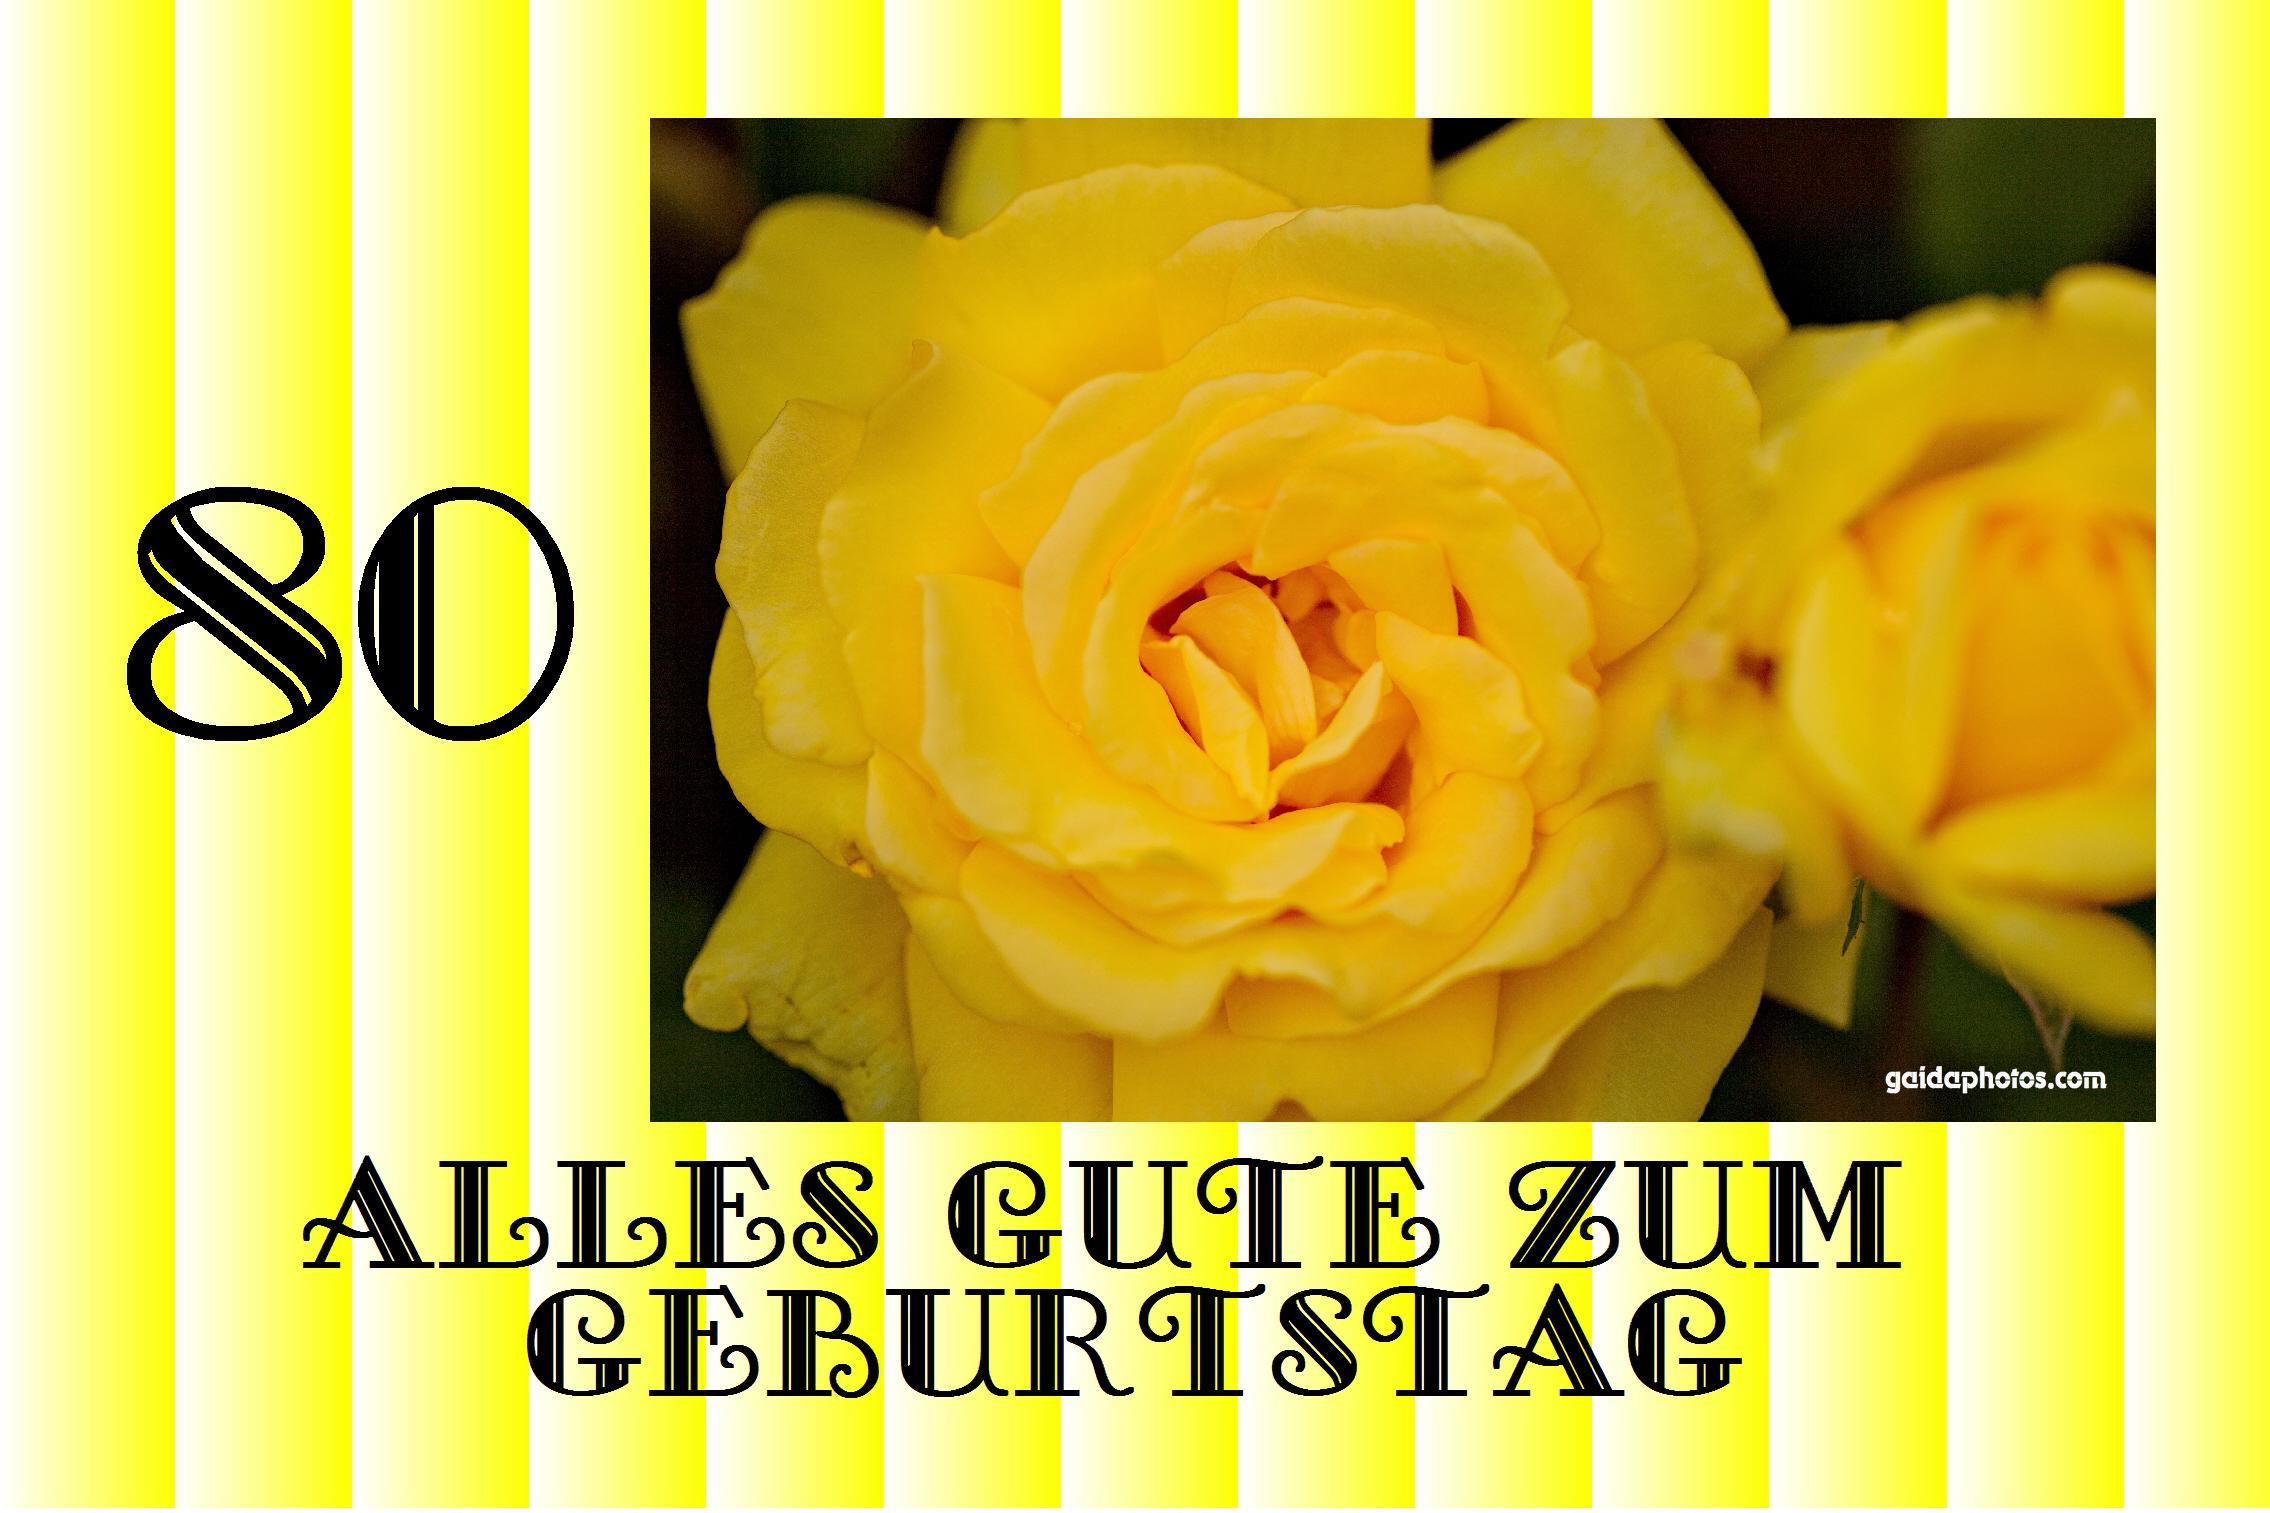 80 Geburtstag Glückwünsche Einladungen Dankeskarten